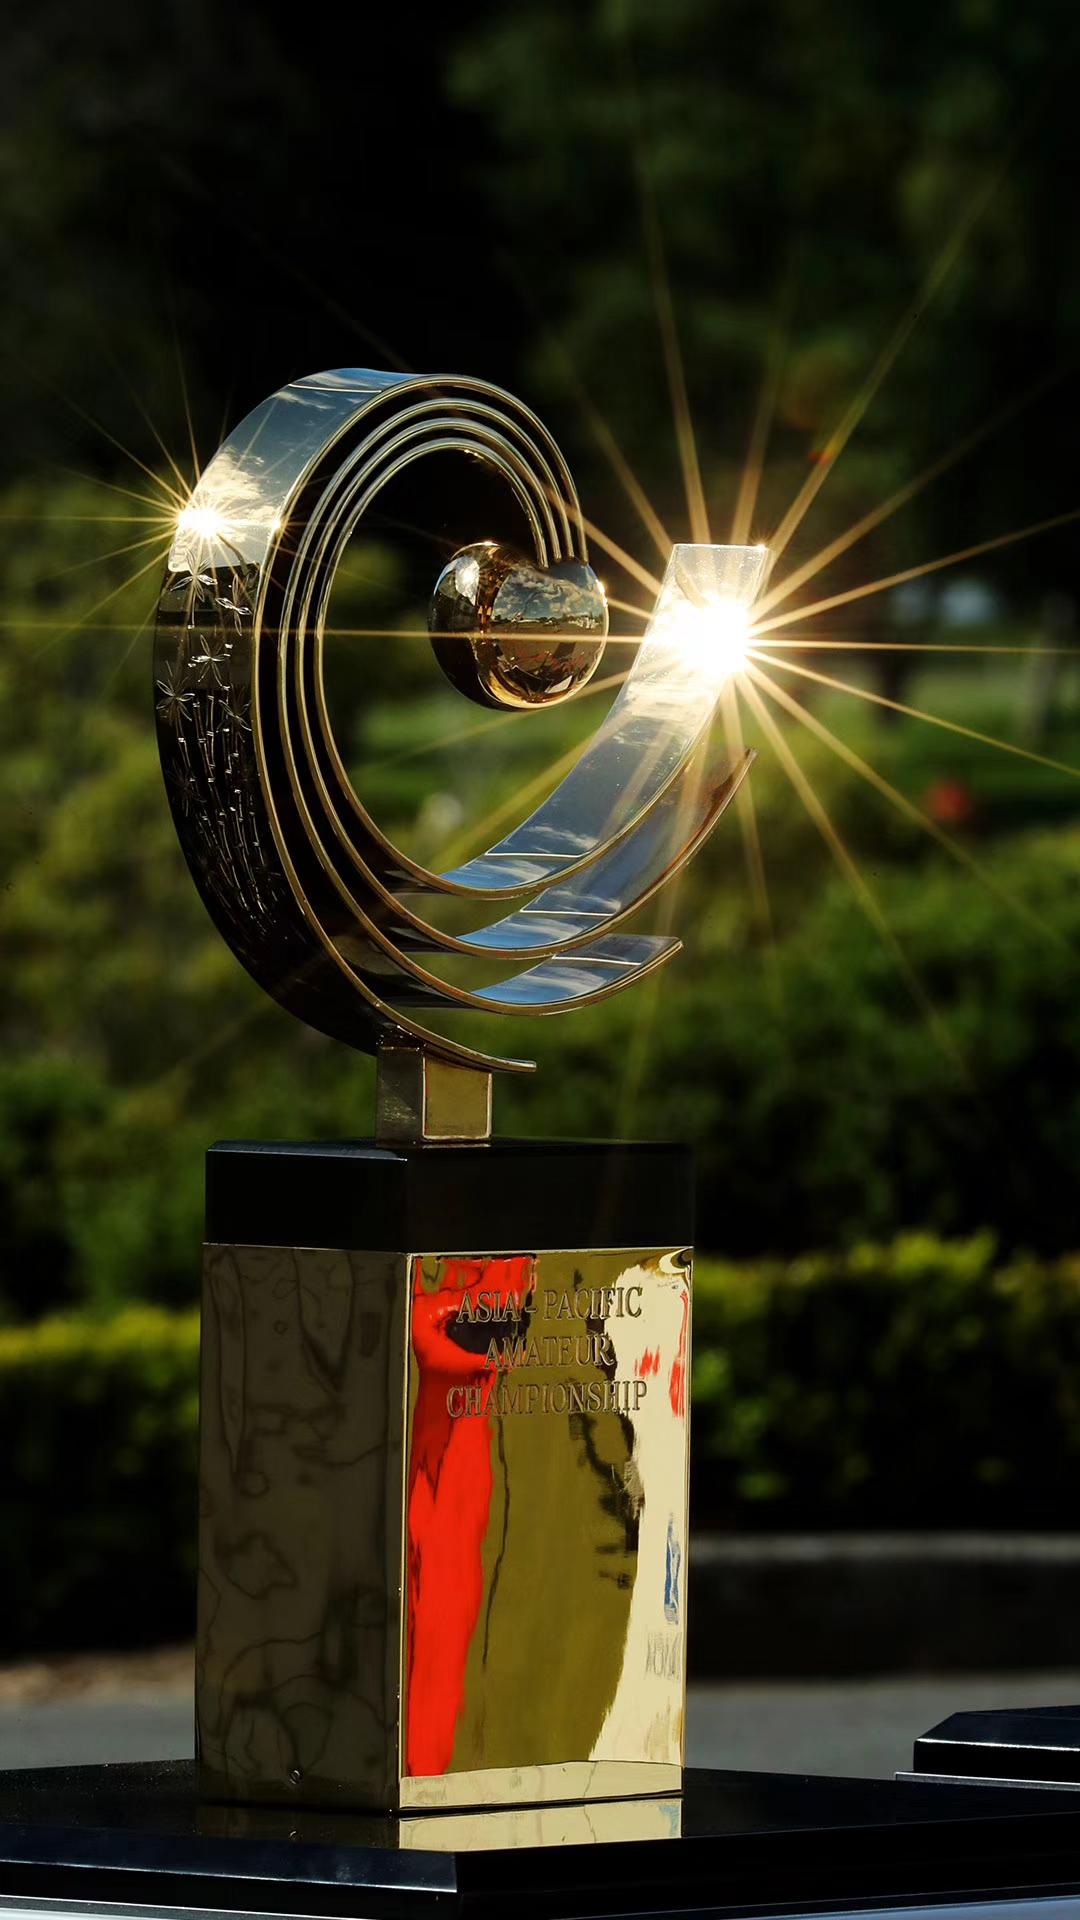 第11届亚太业余锦标赛将辐射超过160个国家及地区